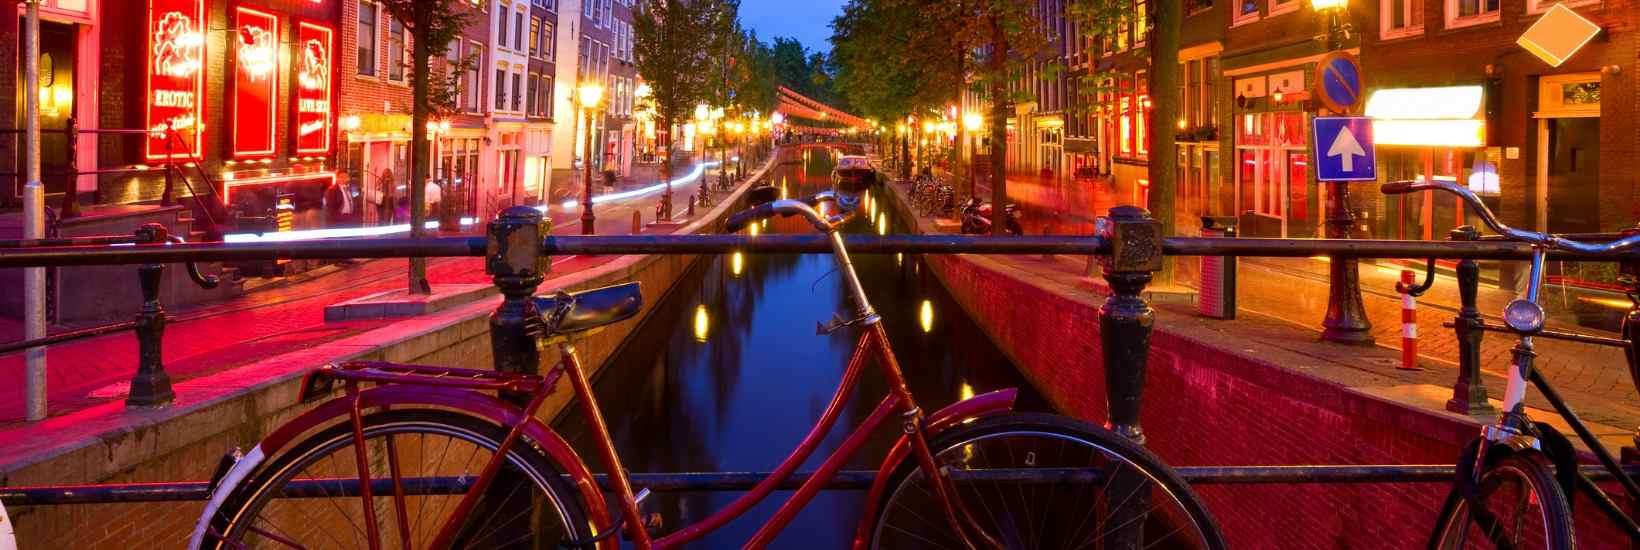 Amsterdam hat einen der berühmtesten Rotlicht-Bezirke.